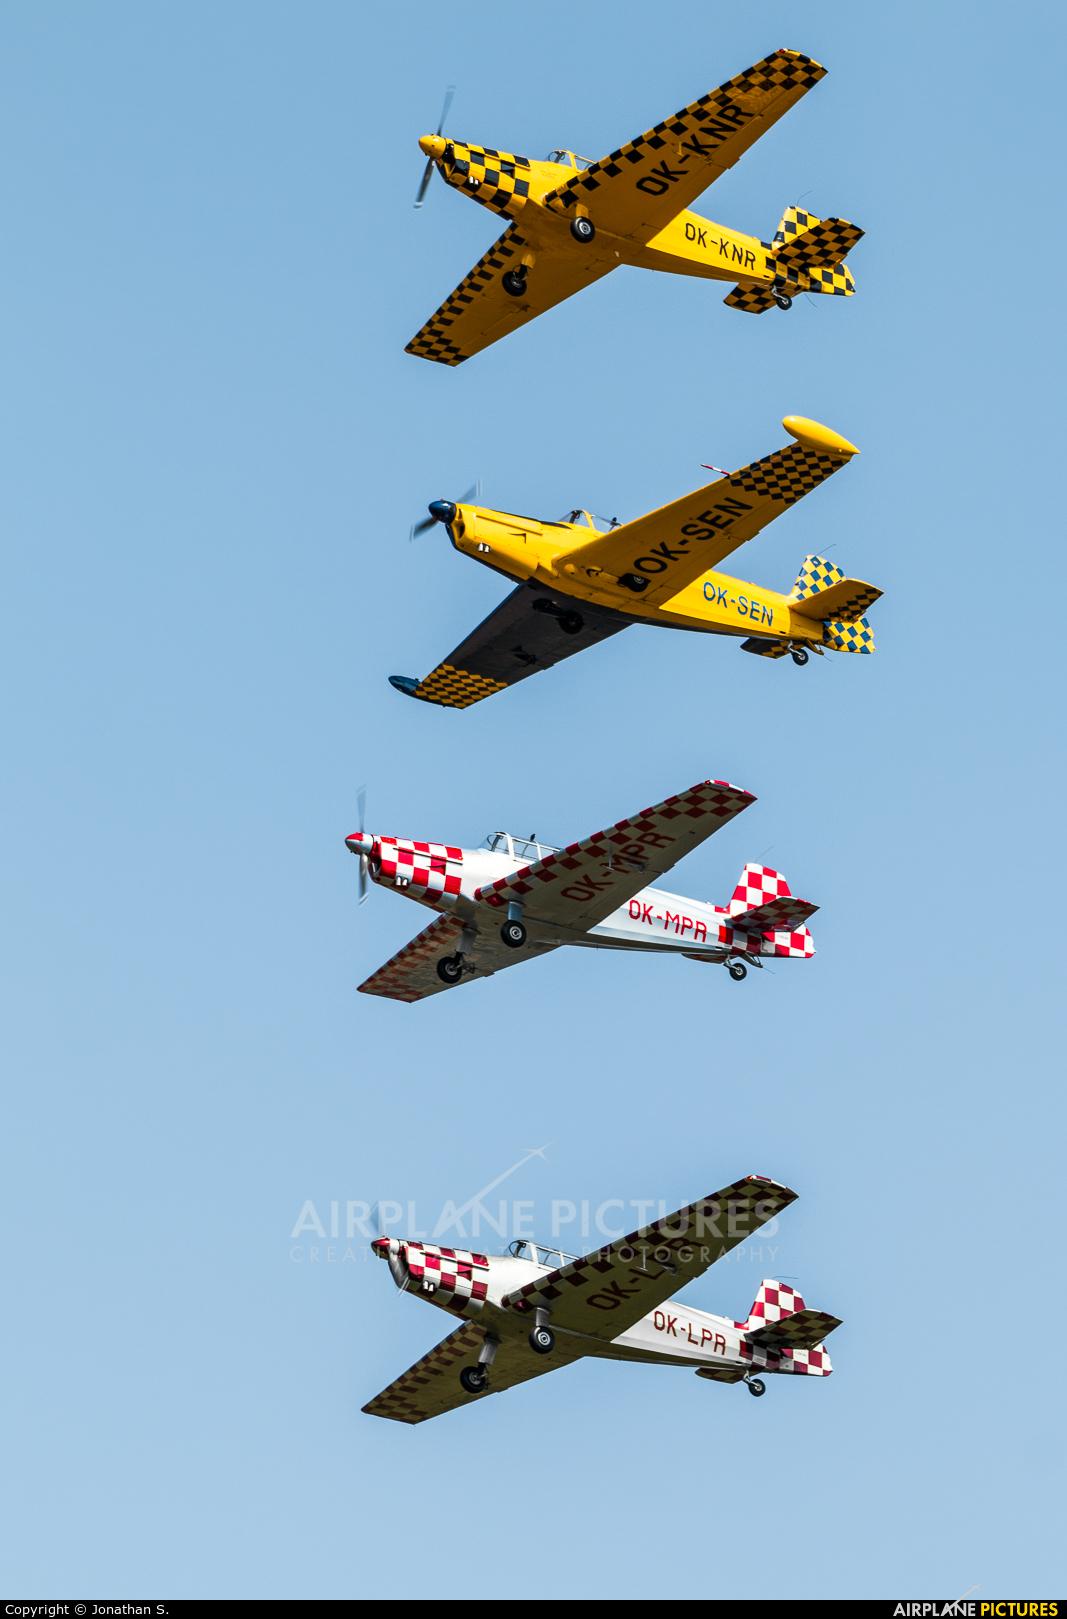 Aeroklub Czech Republic OK-MPR aircraft at Krems-Langenlois